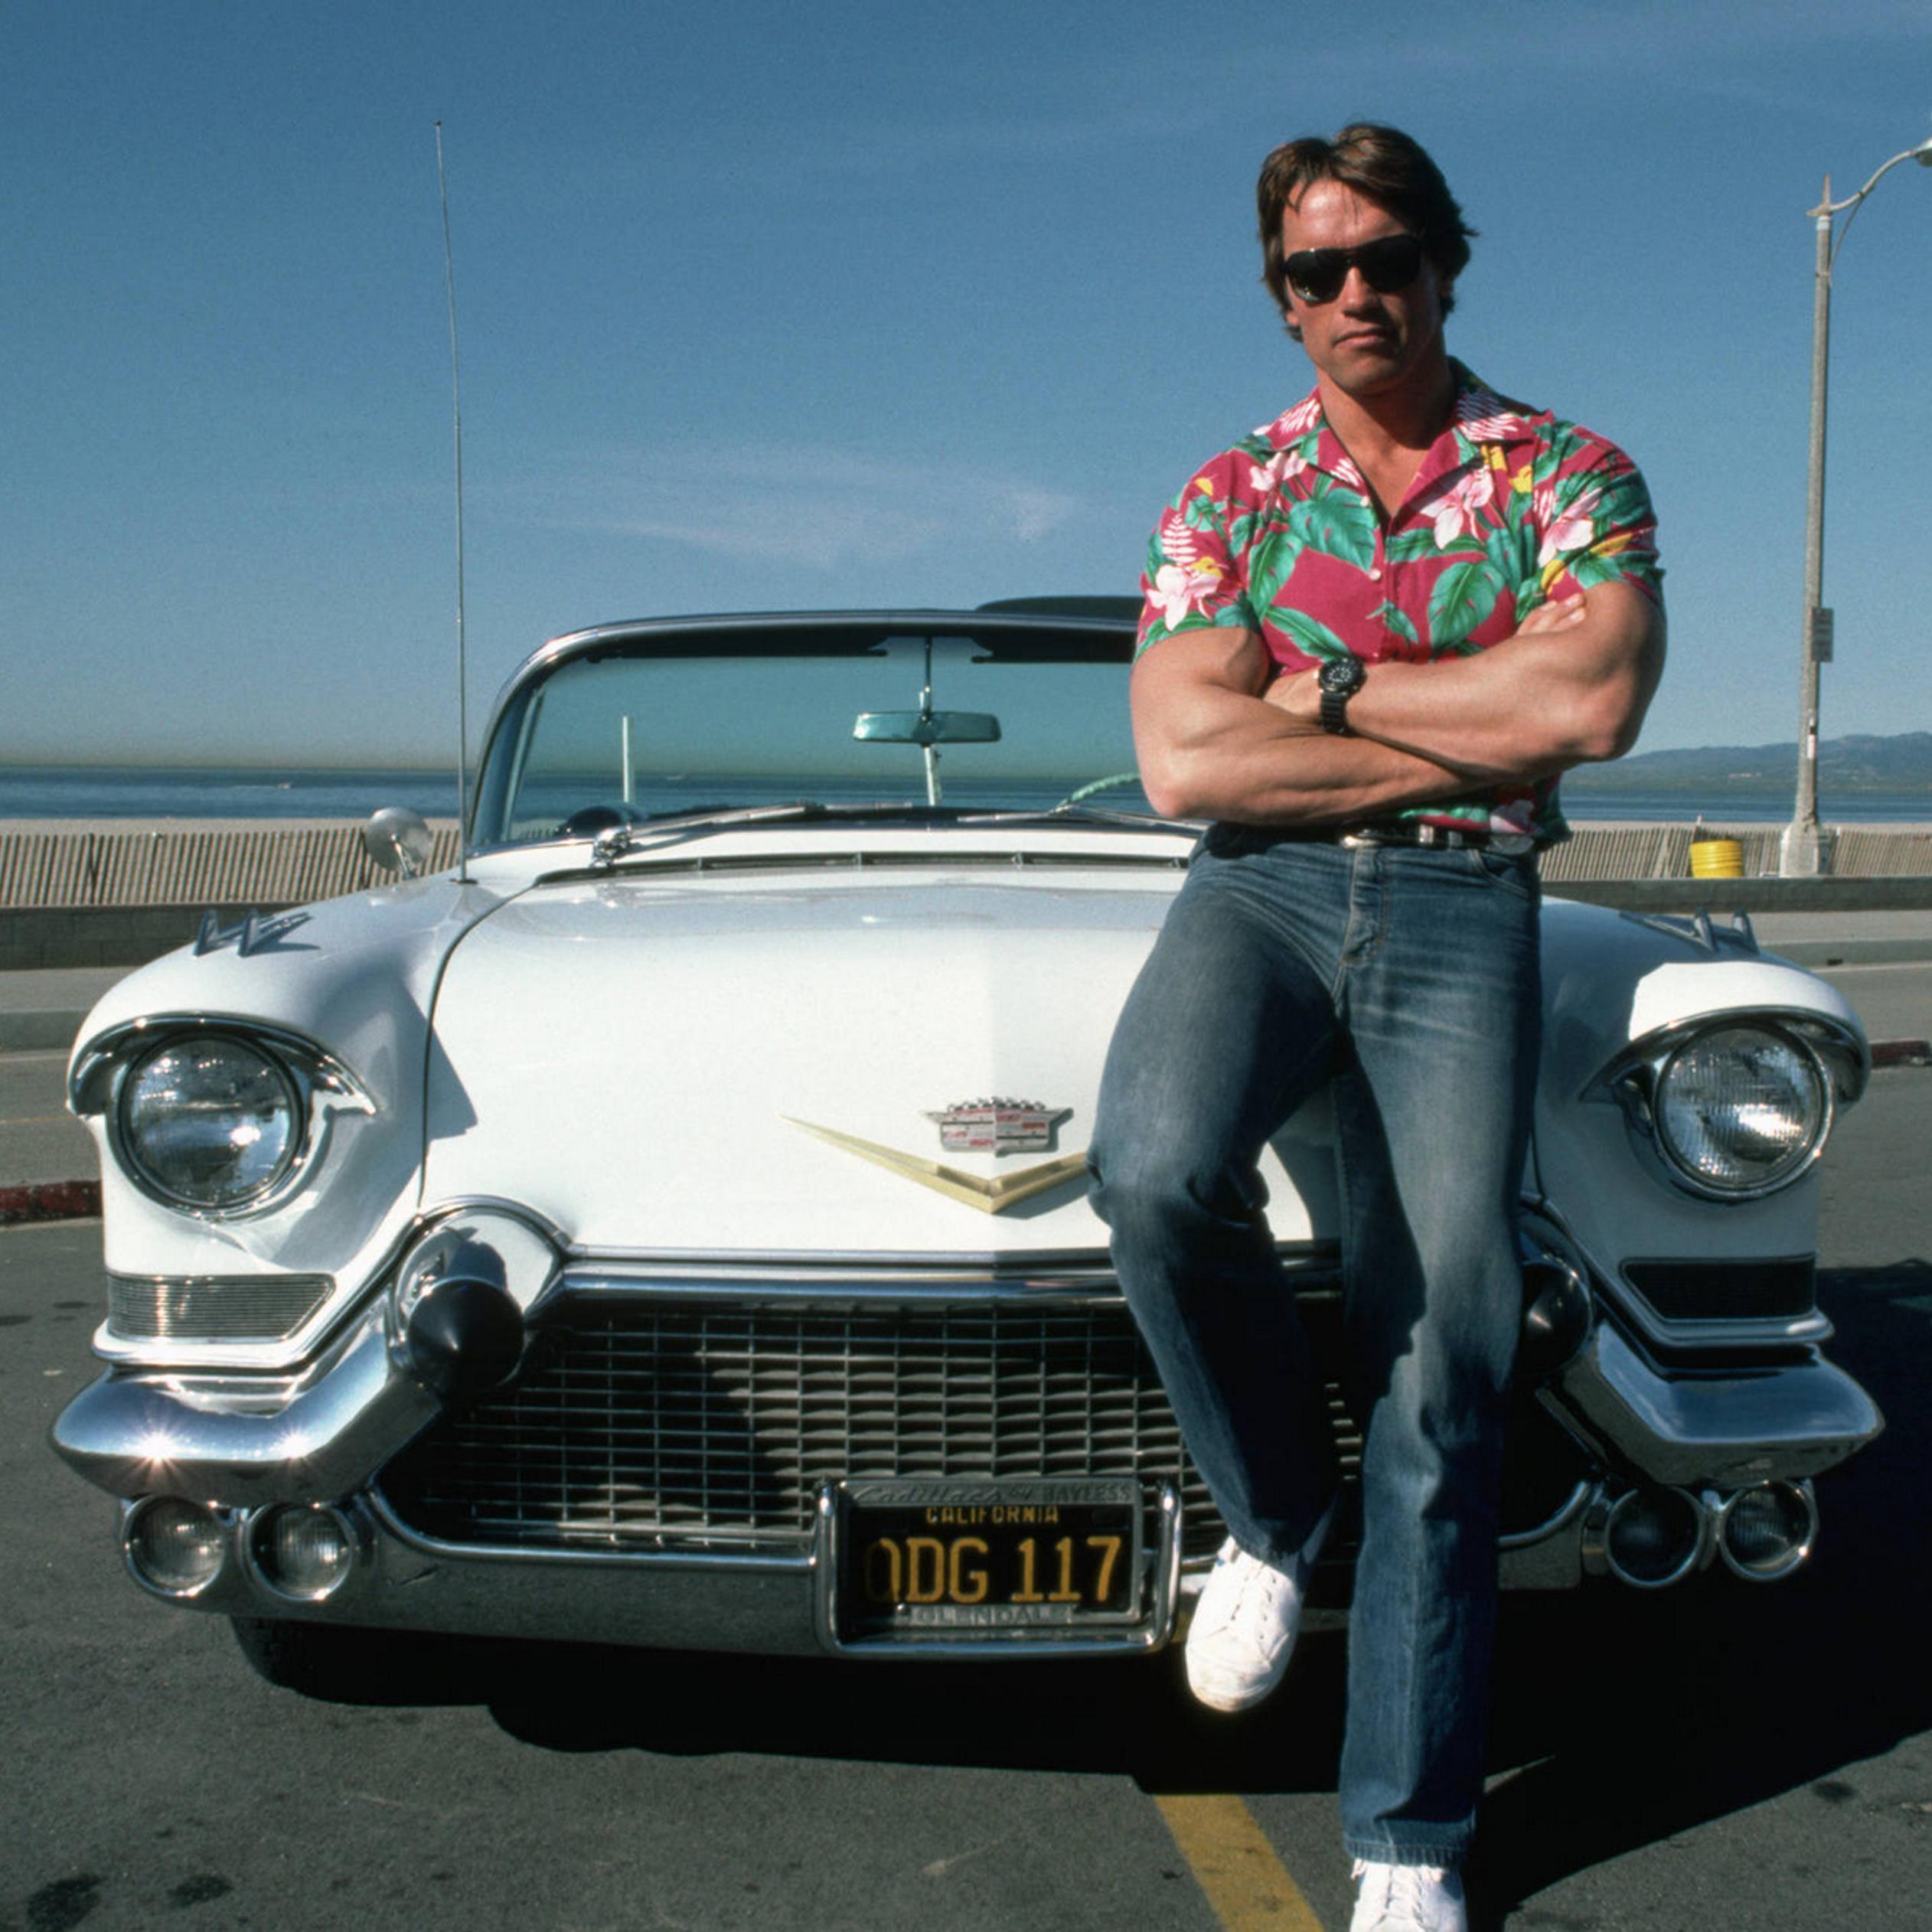 arnold schwarzenegger sit on a white car wallpaper download 2524x2524